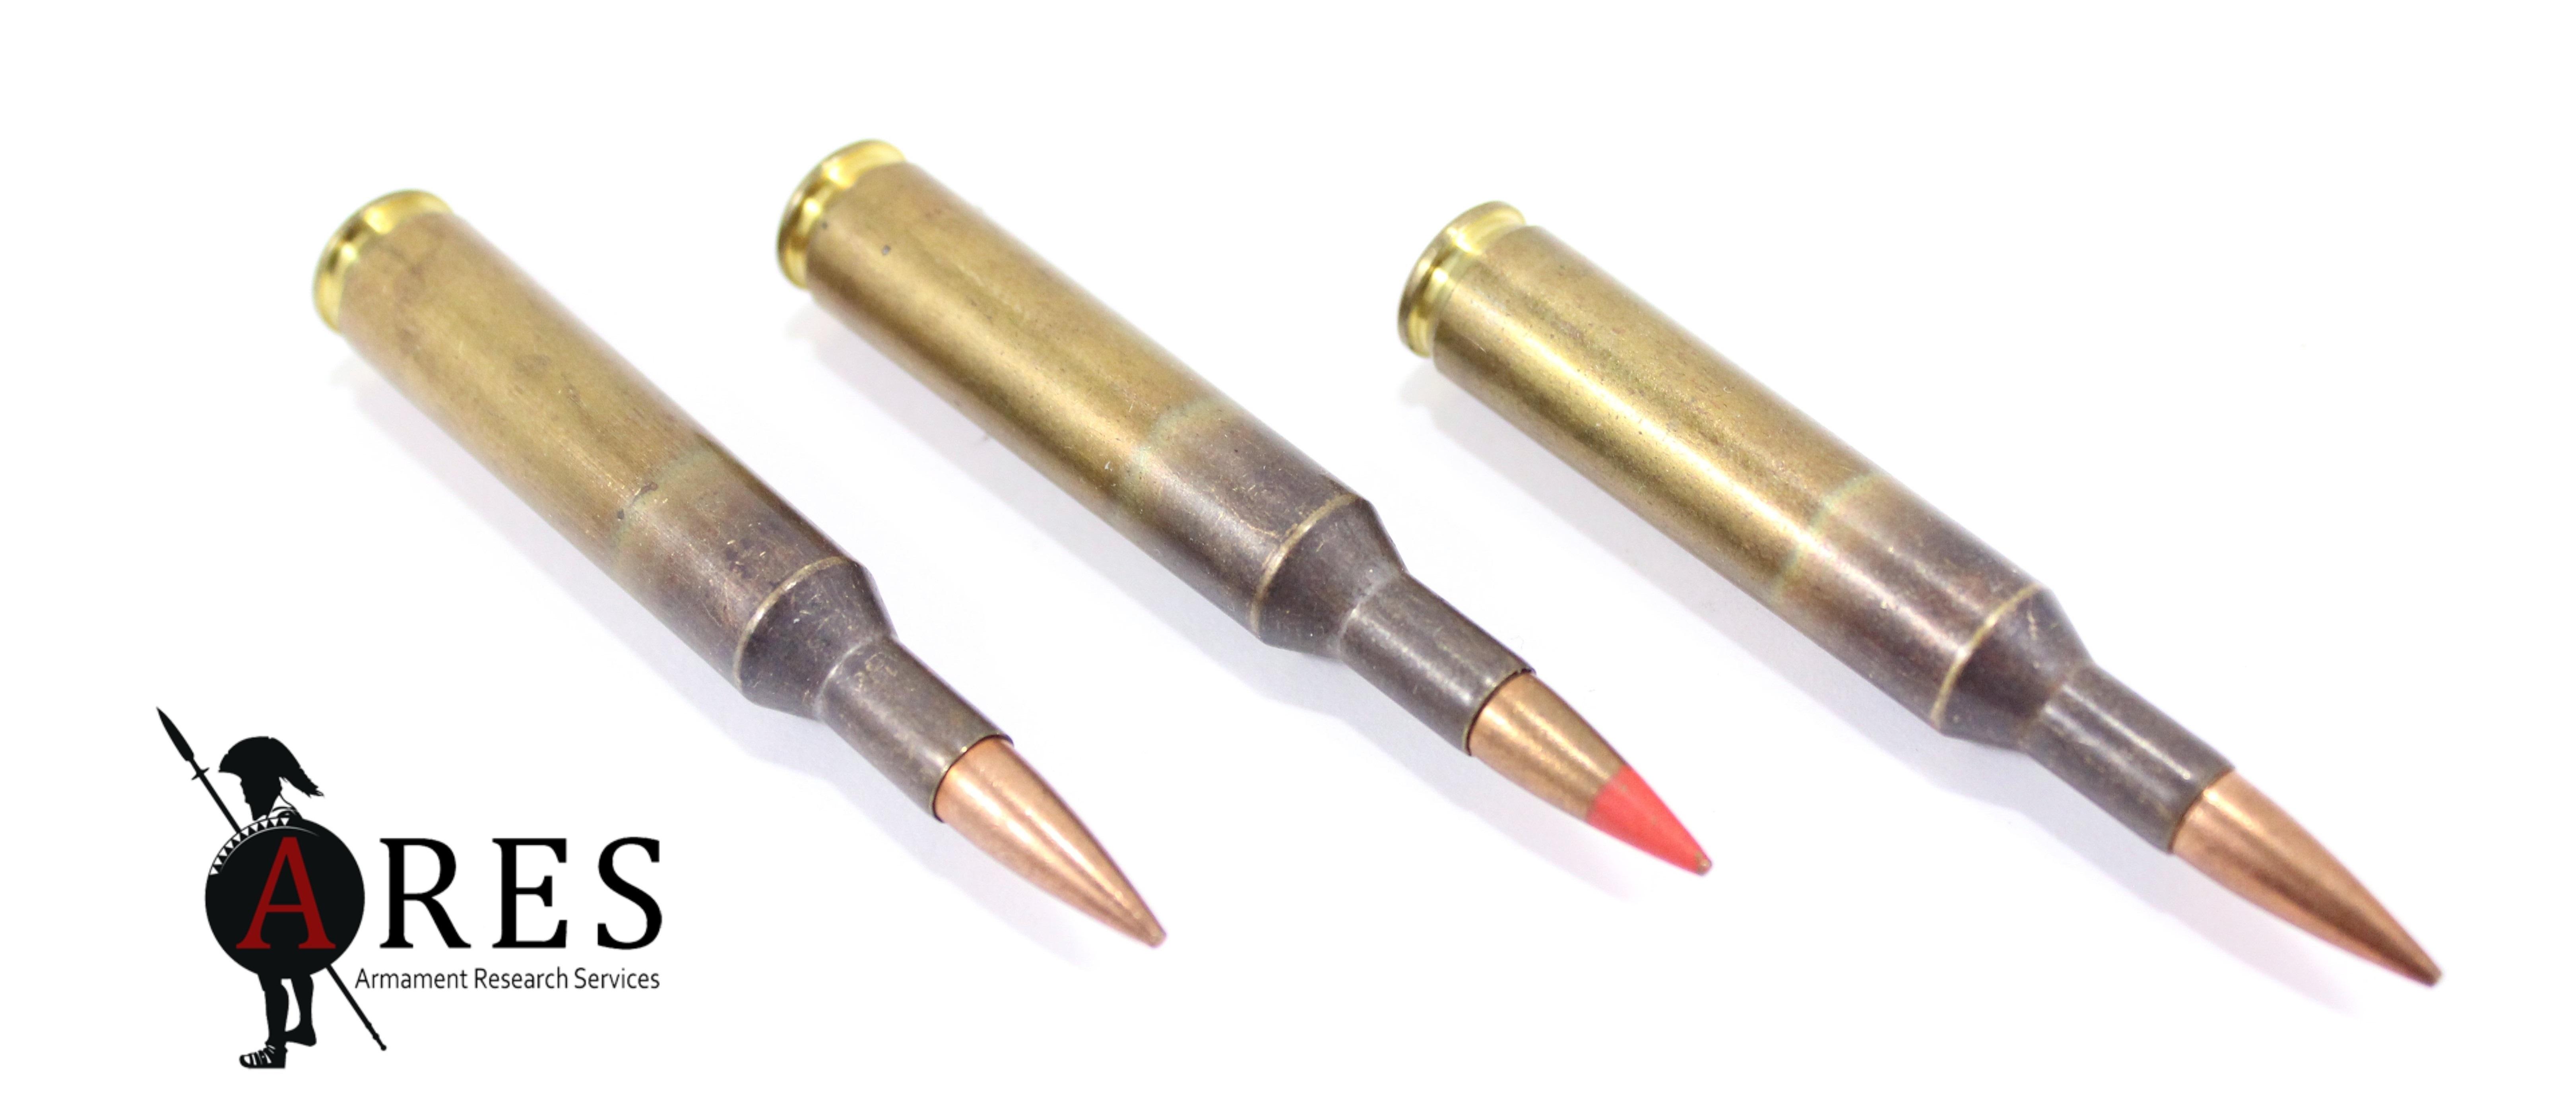 A Cartridge in Brief: 4 85 × 49 mm British – Armament